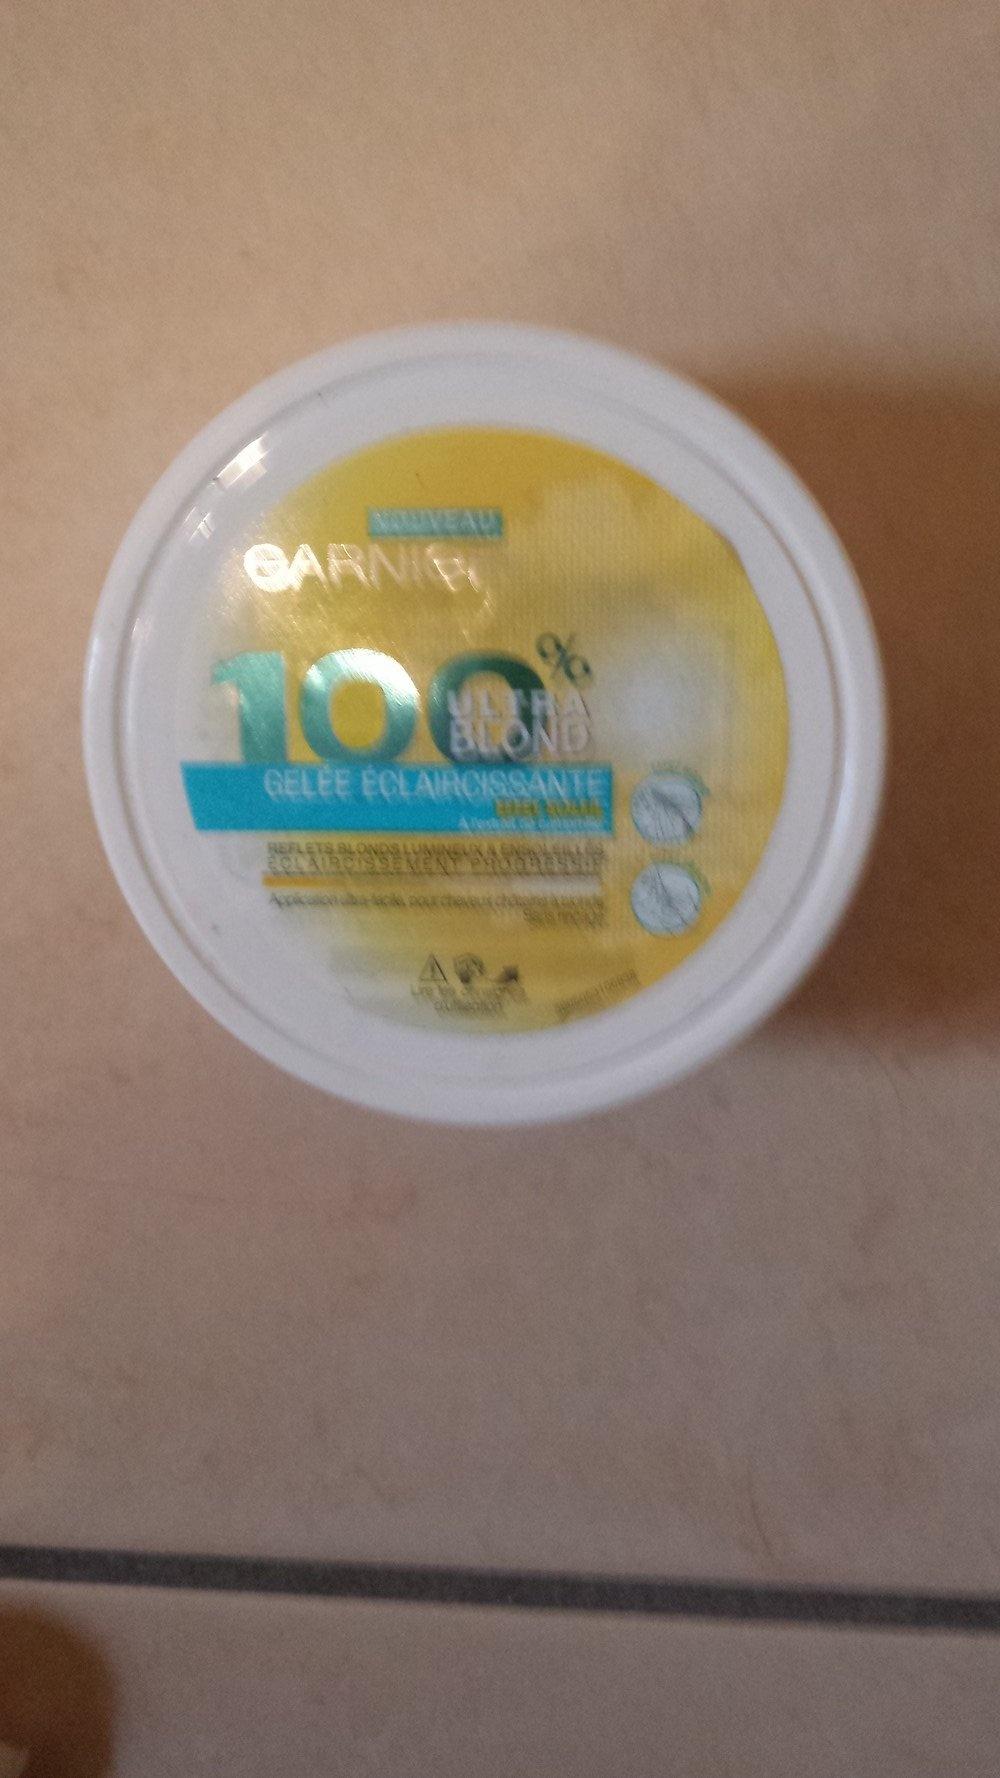 Gelée Eclaircissante - 100% Ultra Blond de Garnier